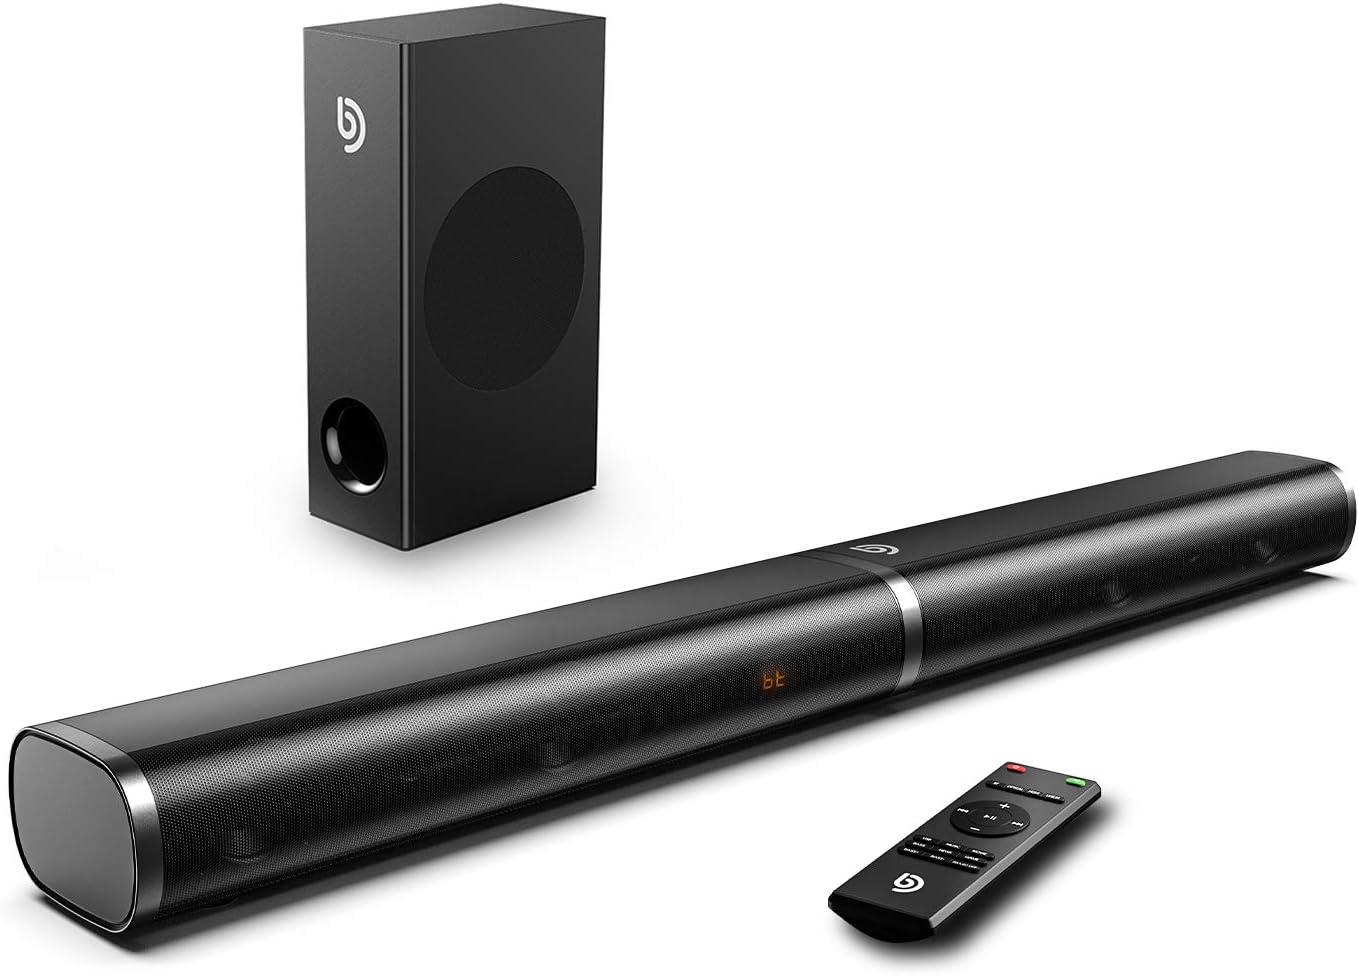 Bomaker, Barra de Sonido para TV, 190W con Subwoofer, Potencia 125 dB, HDMI, Bluetooth 5.0, 6 Modos de Sonido, Bajos Ajustables, Óptico, 3,5 mm AUX, USB, para Cine en Casa, Tapio III